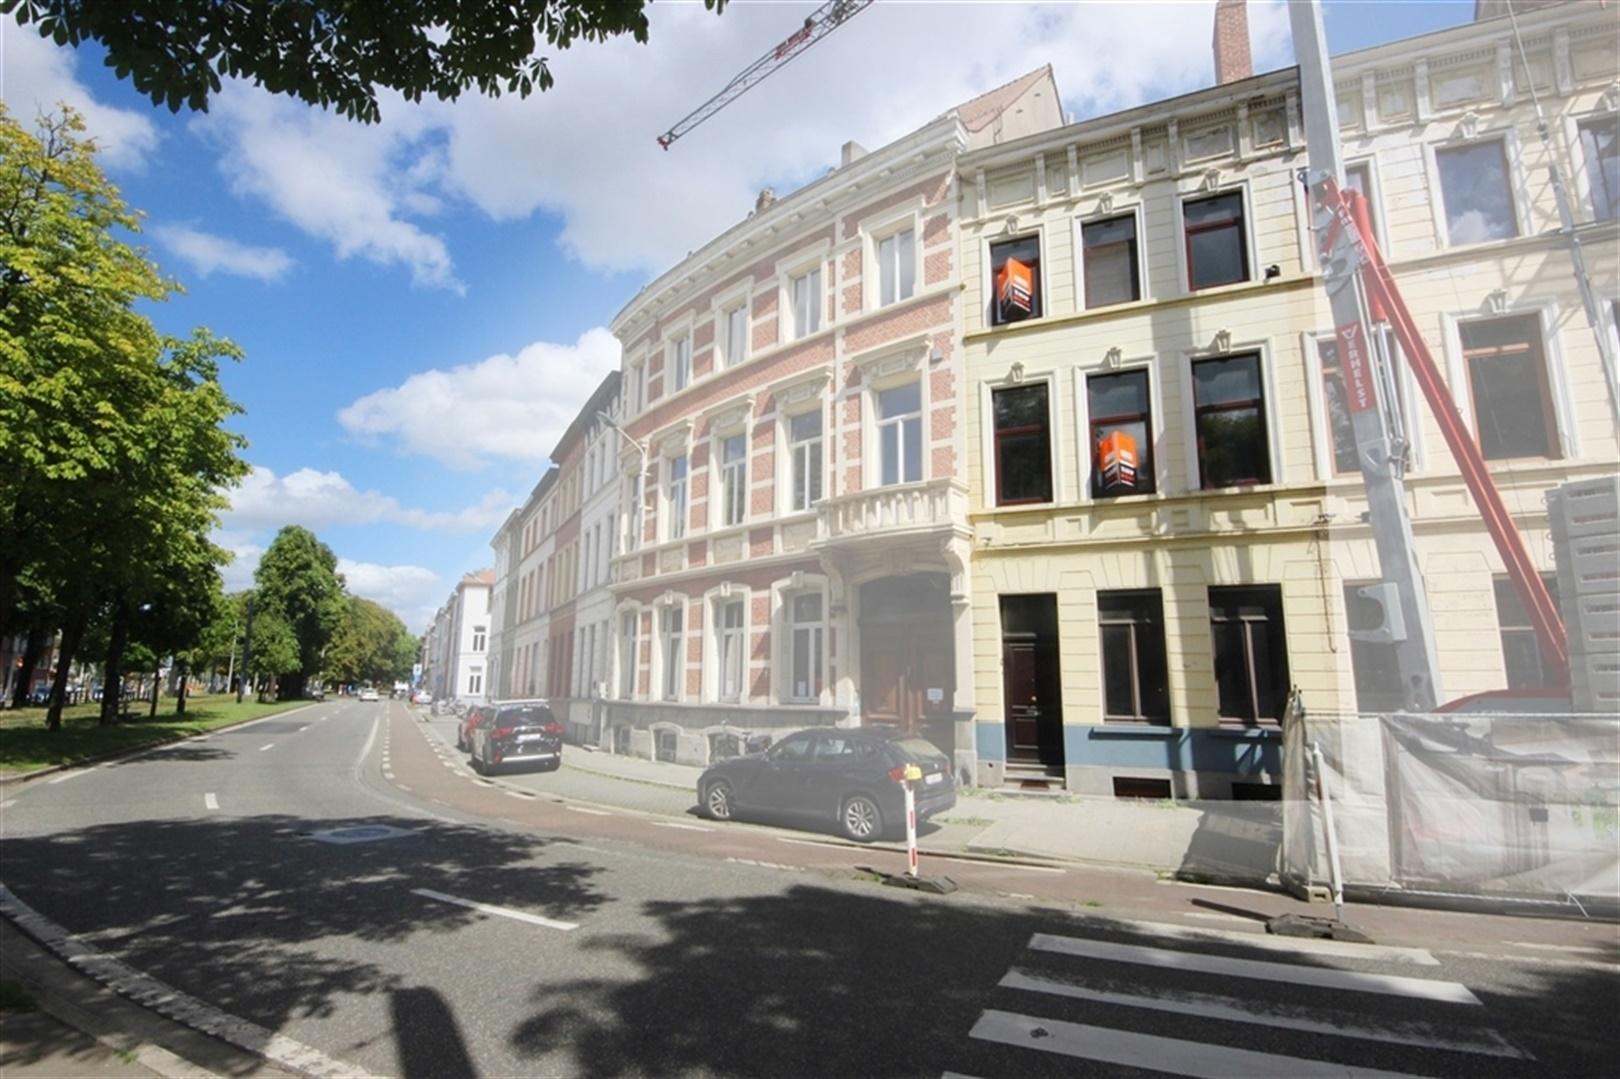 Bekijk VR Tour van Karaktervol herenhuis te Gent